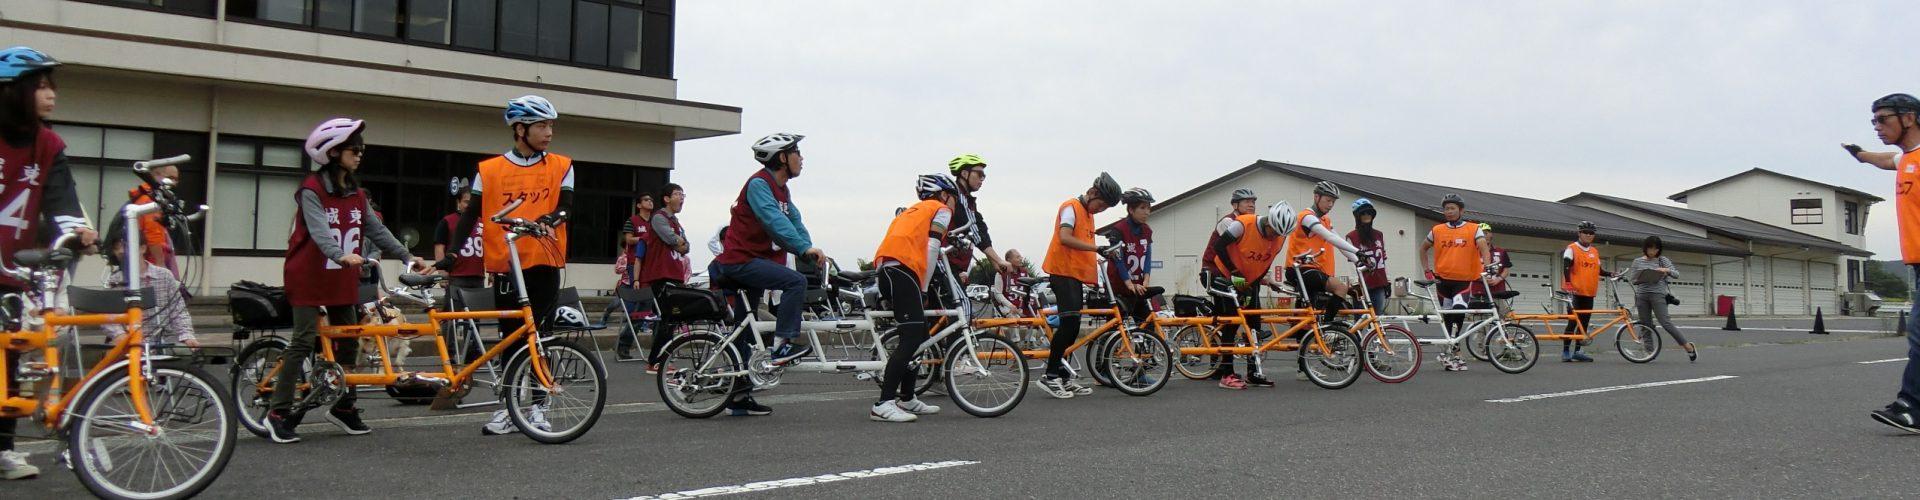 平成29年11月タンデム自転車体験会(島根県運転免許センター)の写真